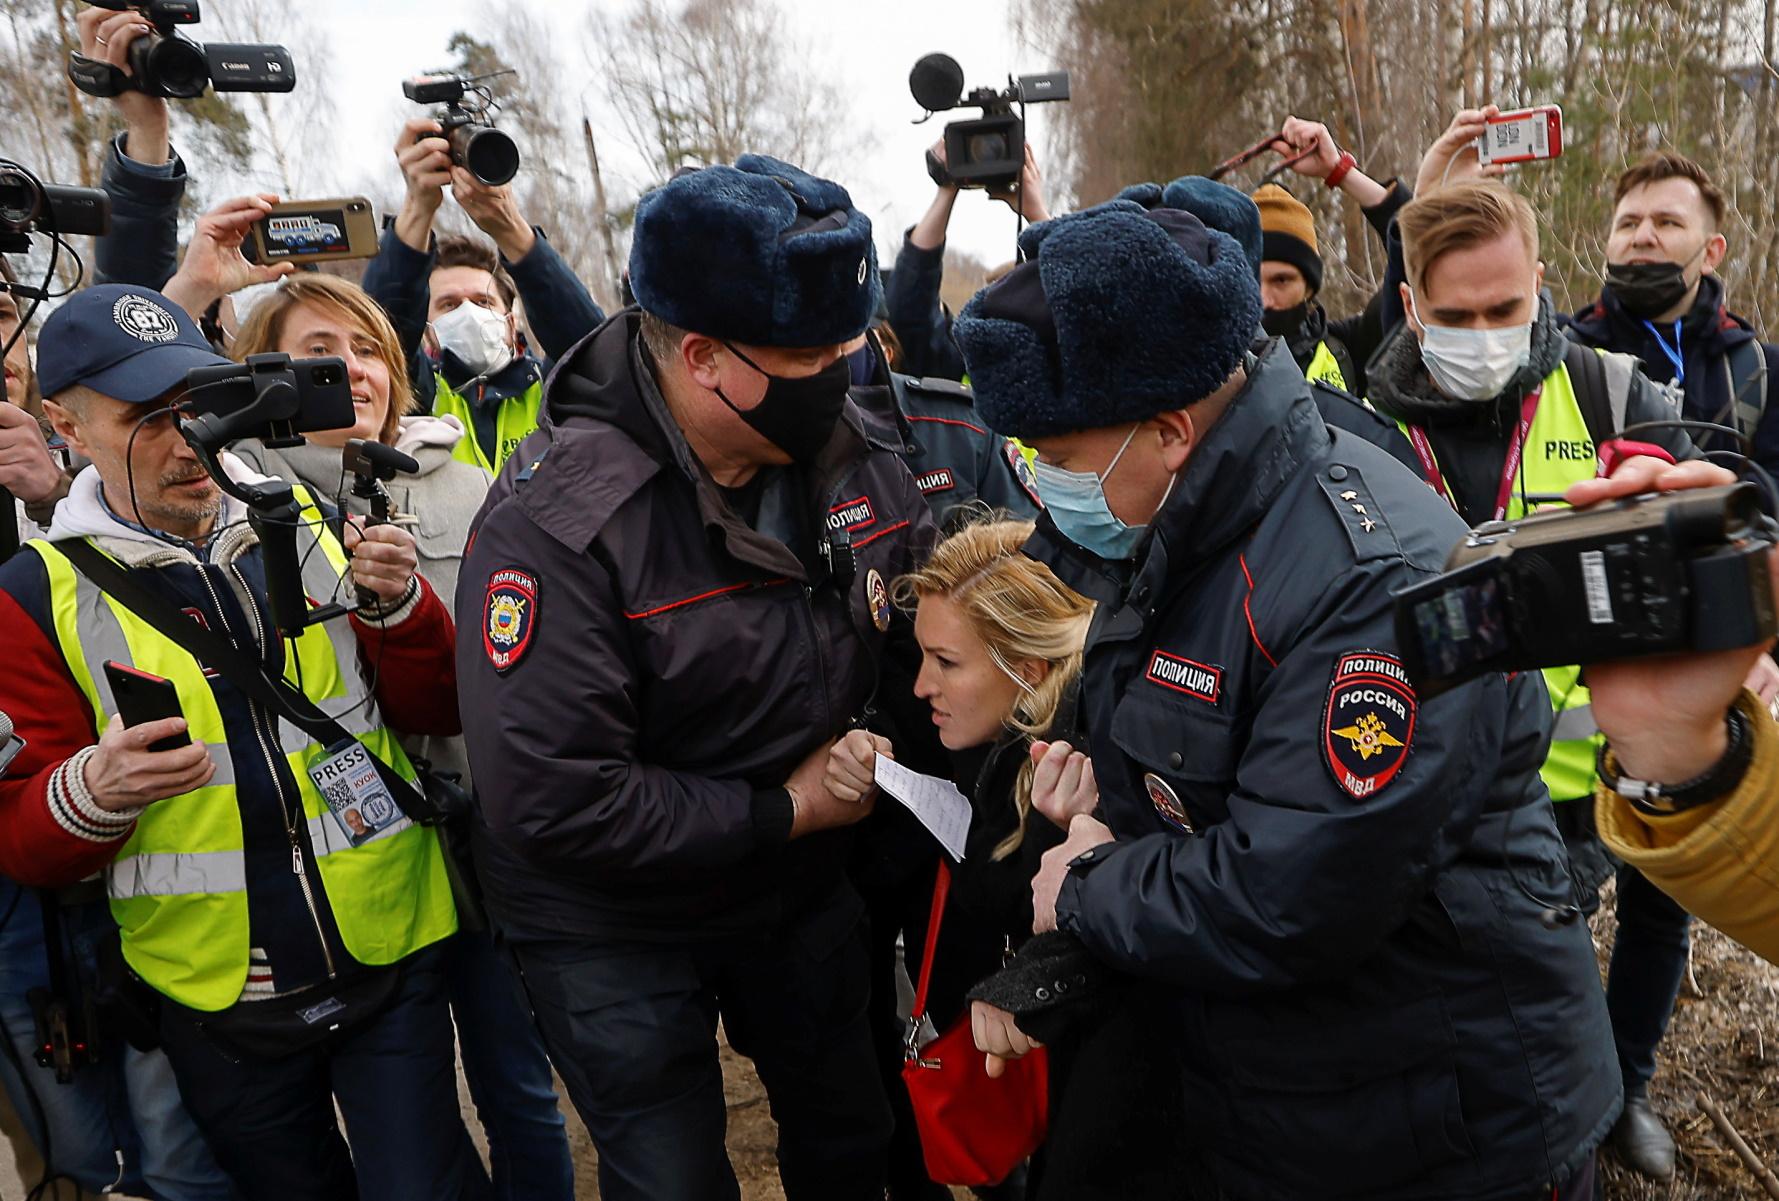 Ρωσία – Ναβάλνι: Μαζική  αστυνομική επιχείρηση κατά οπαδών του φυλακισμένου αντιφρονούντα